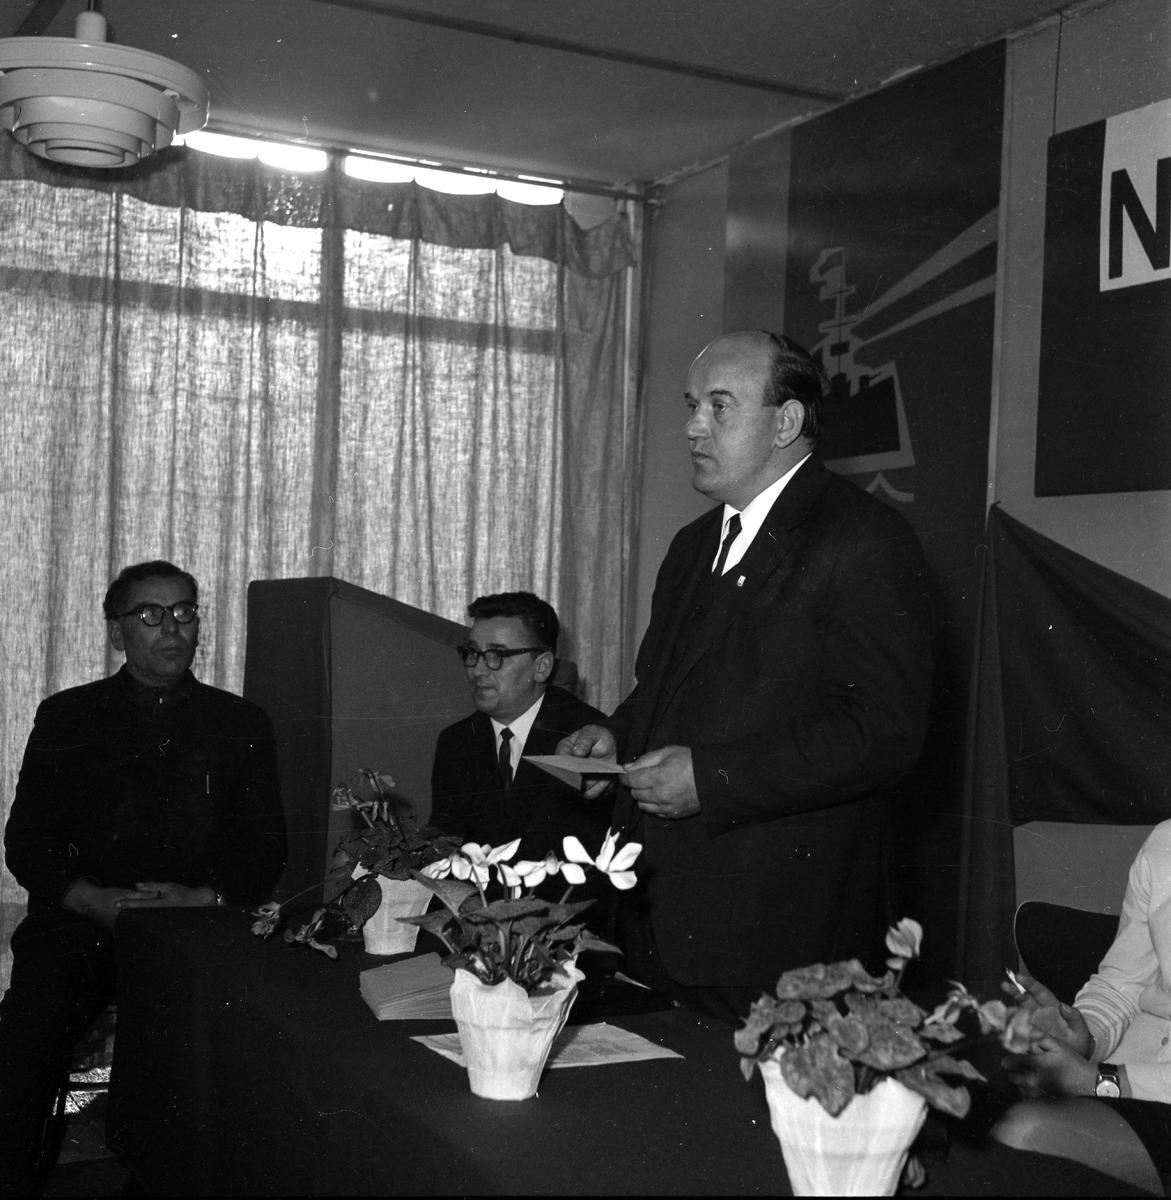 Obchody 50 rocznicy Rewolucji Październikowej w MZP [4]